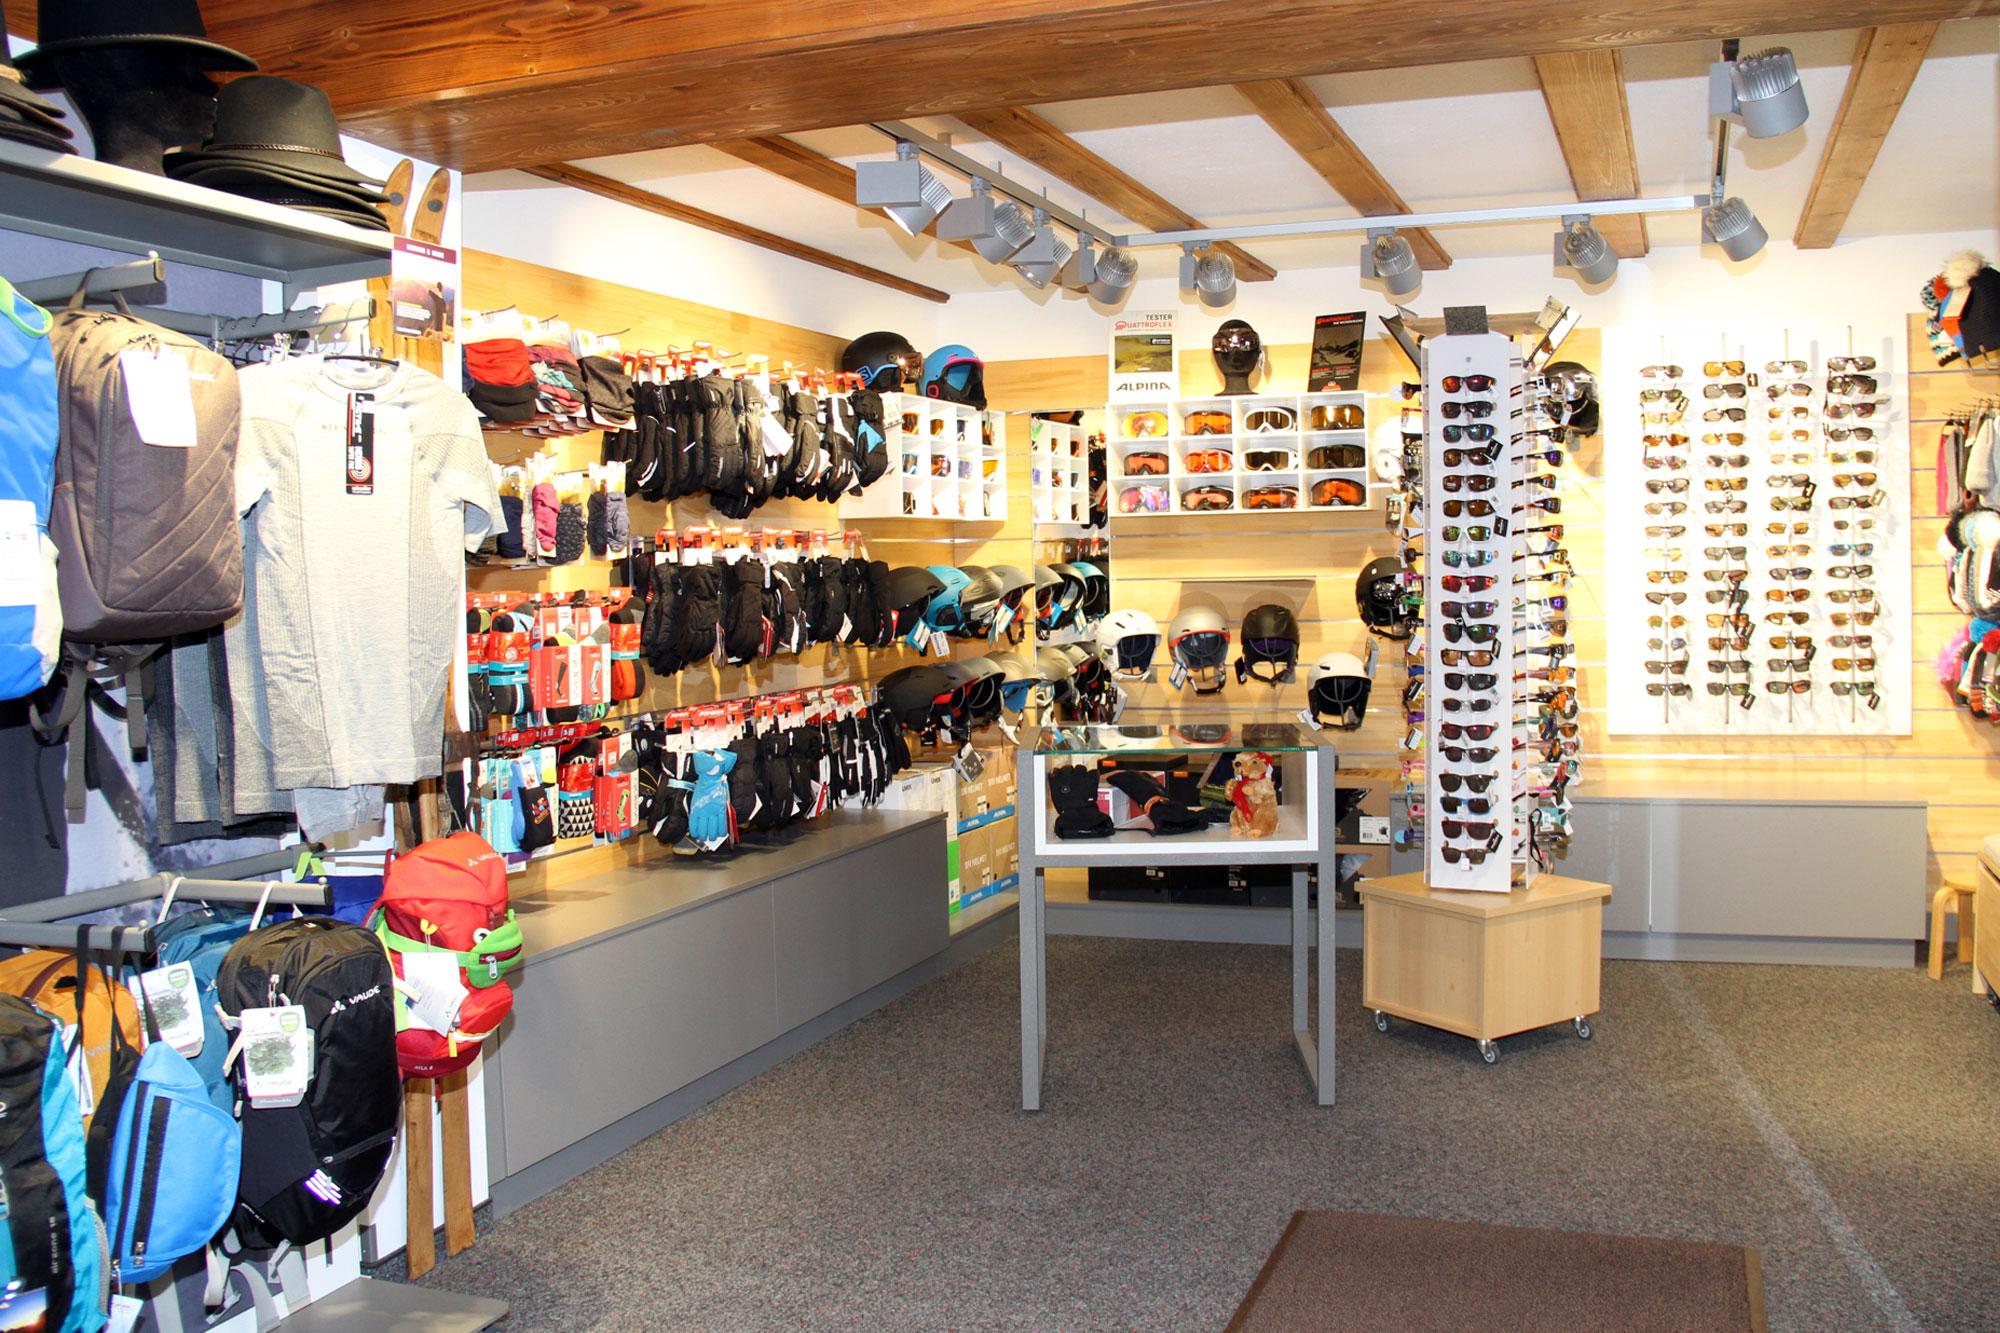 Skiverleih Kleinwalsertal – Sportgeschäft Edelweiss, alles für die Piste, Ski online buchen